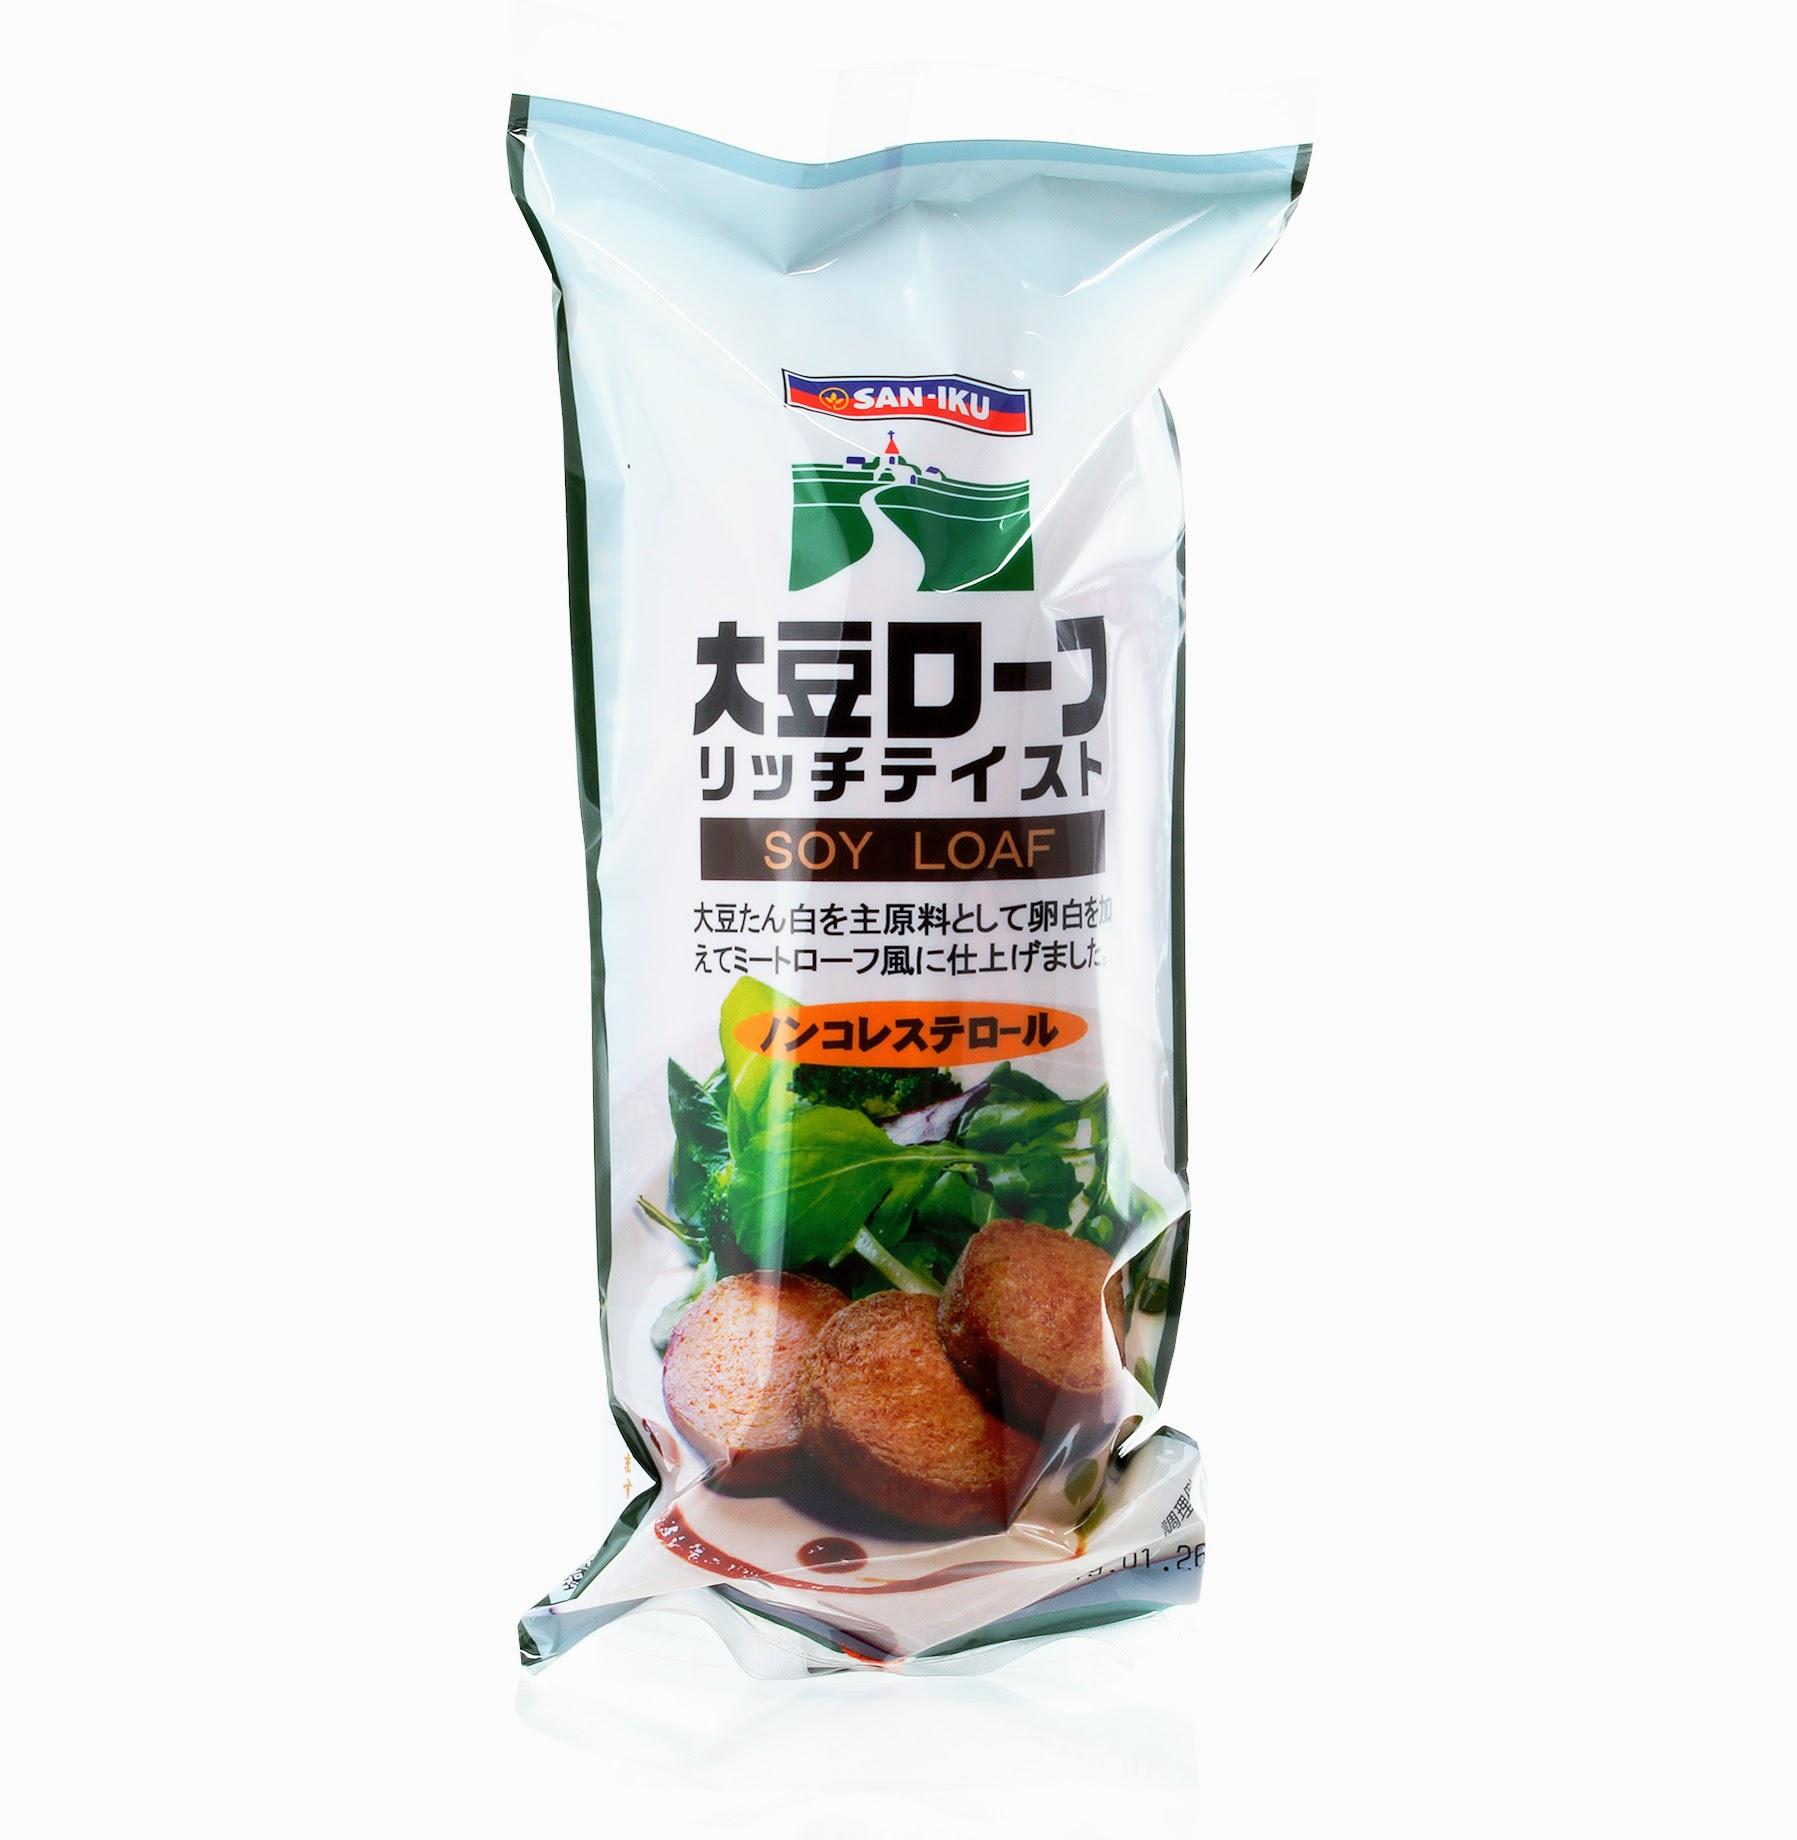 三育フーズ「大豆ローフ」